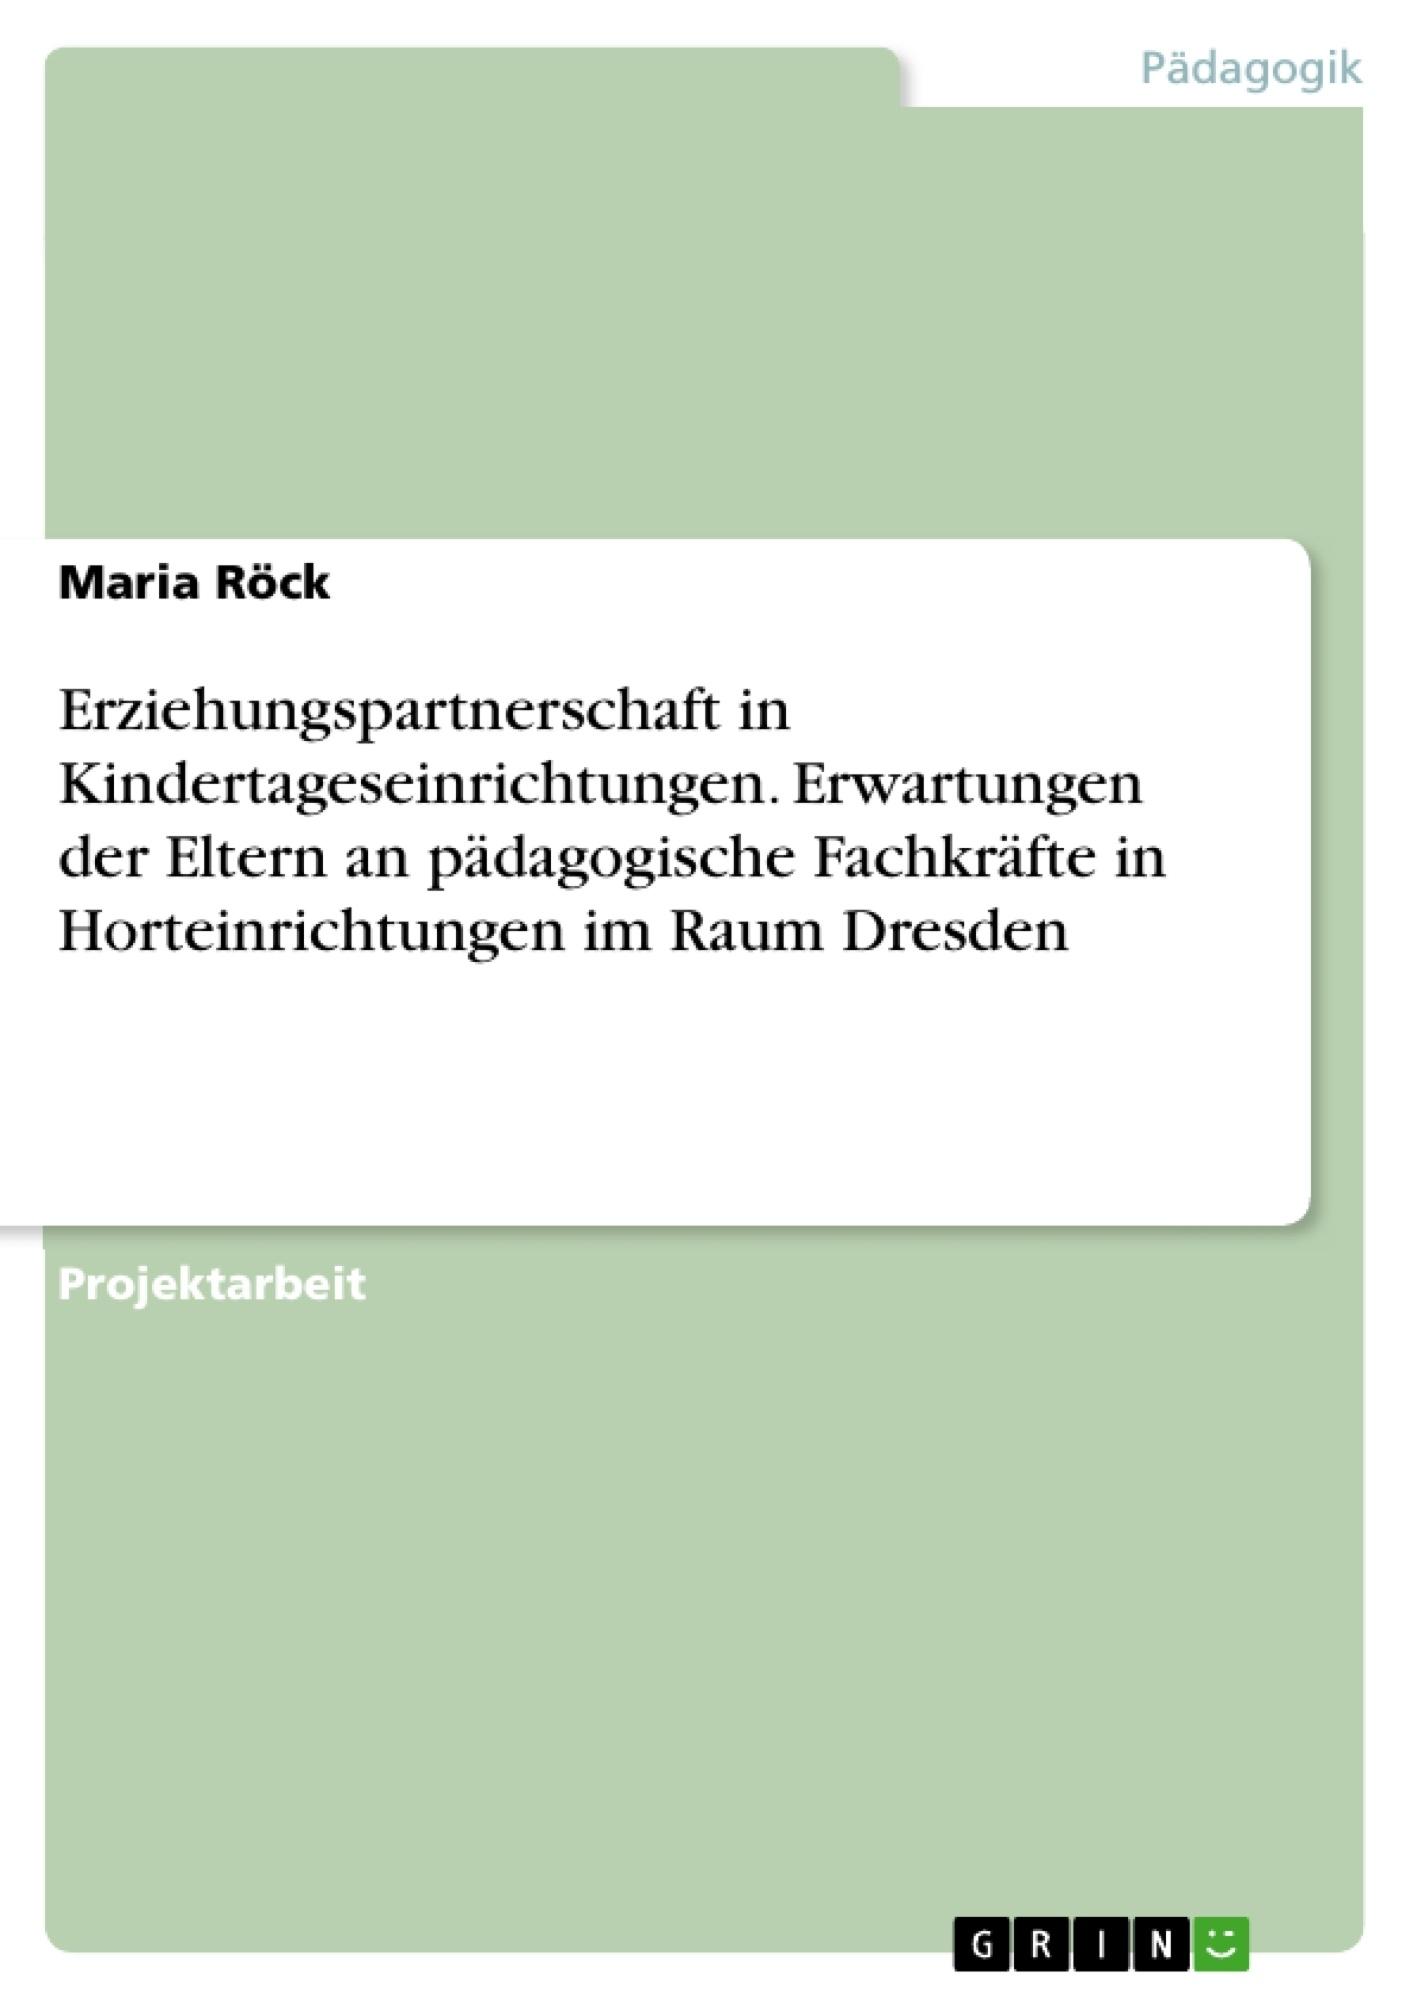 Titel: Erziehungspartnerschaft in Kindertageseinrichtungen. Erwartungen der Eltern an pädagogische Fachkräfte in Horteinrichtungen im Raum Dresden